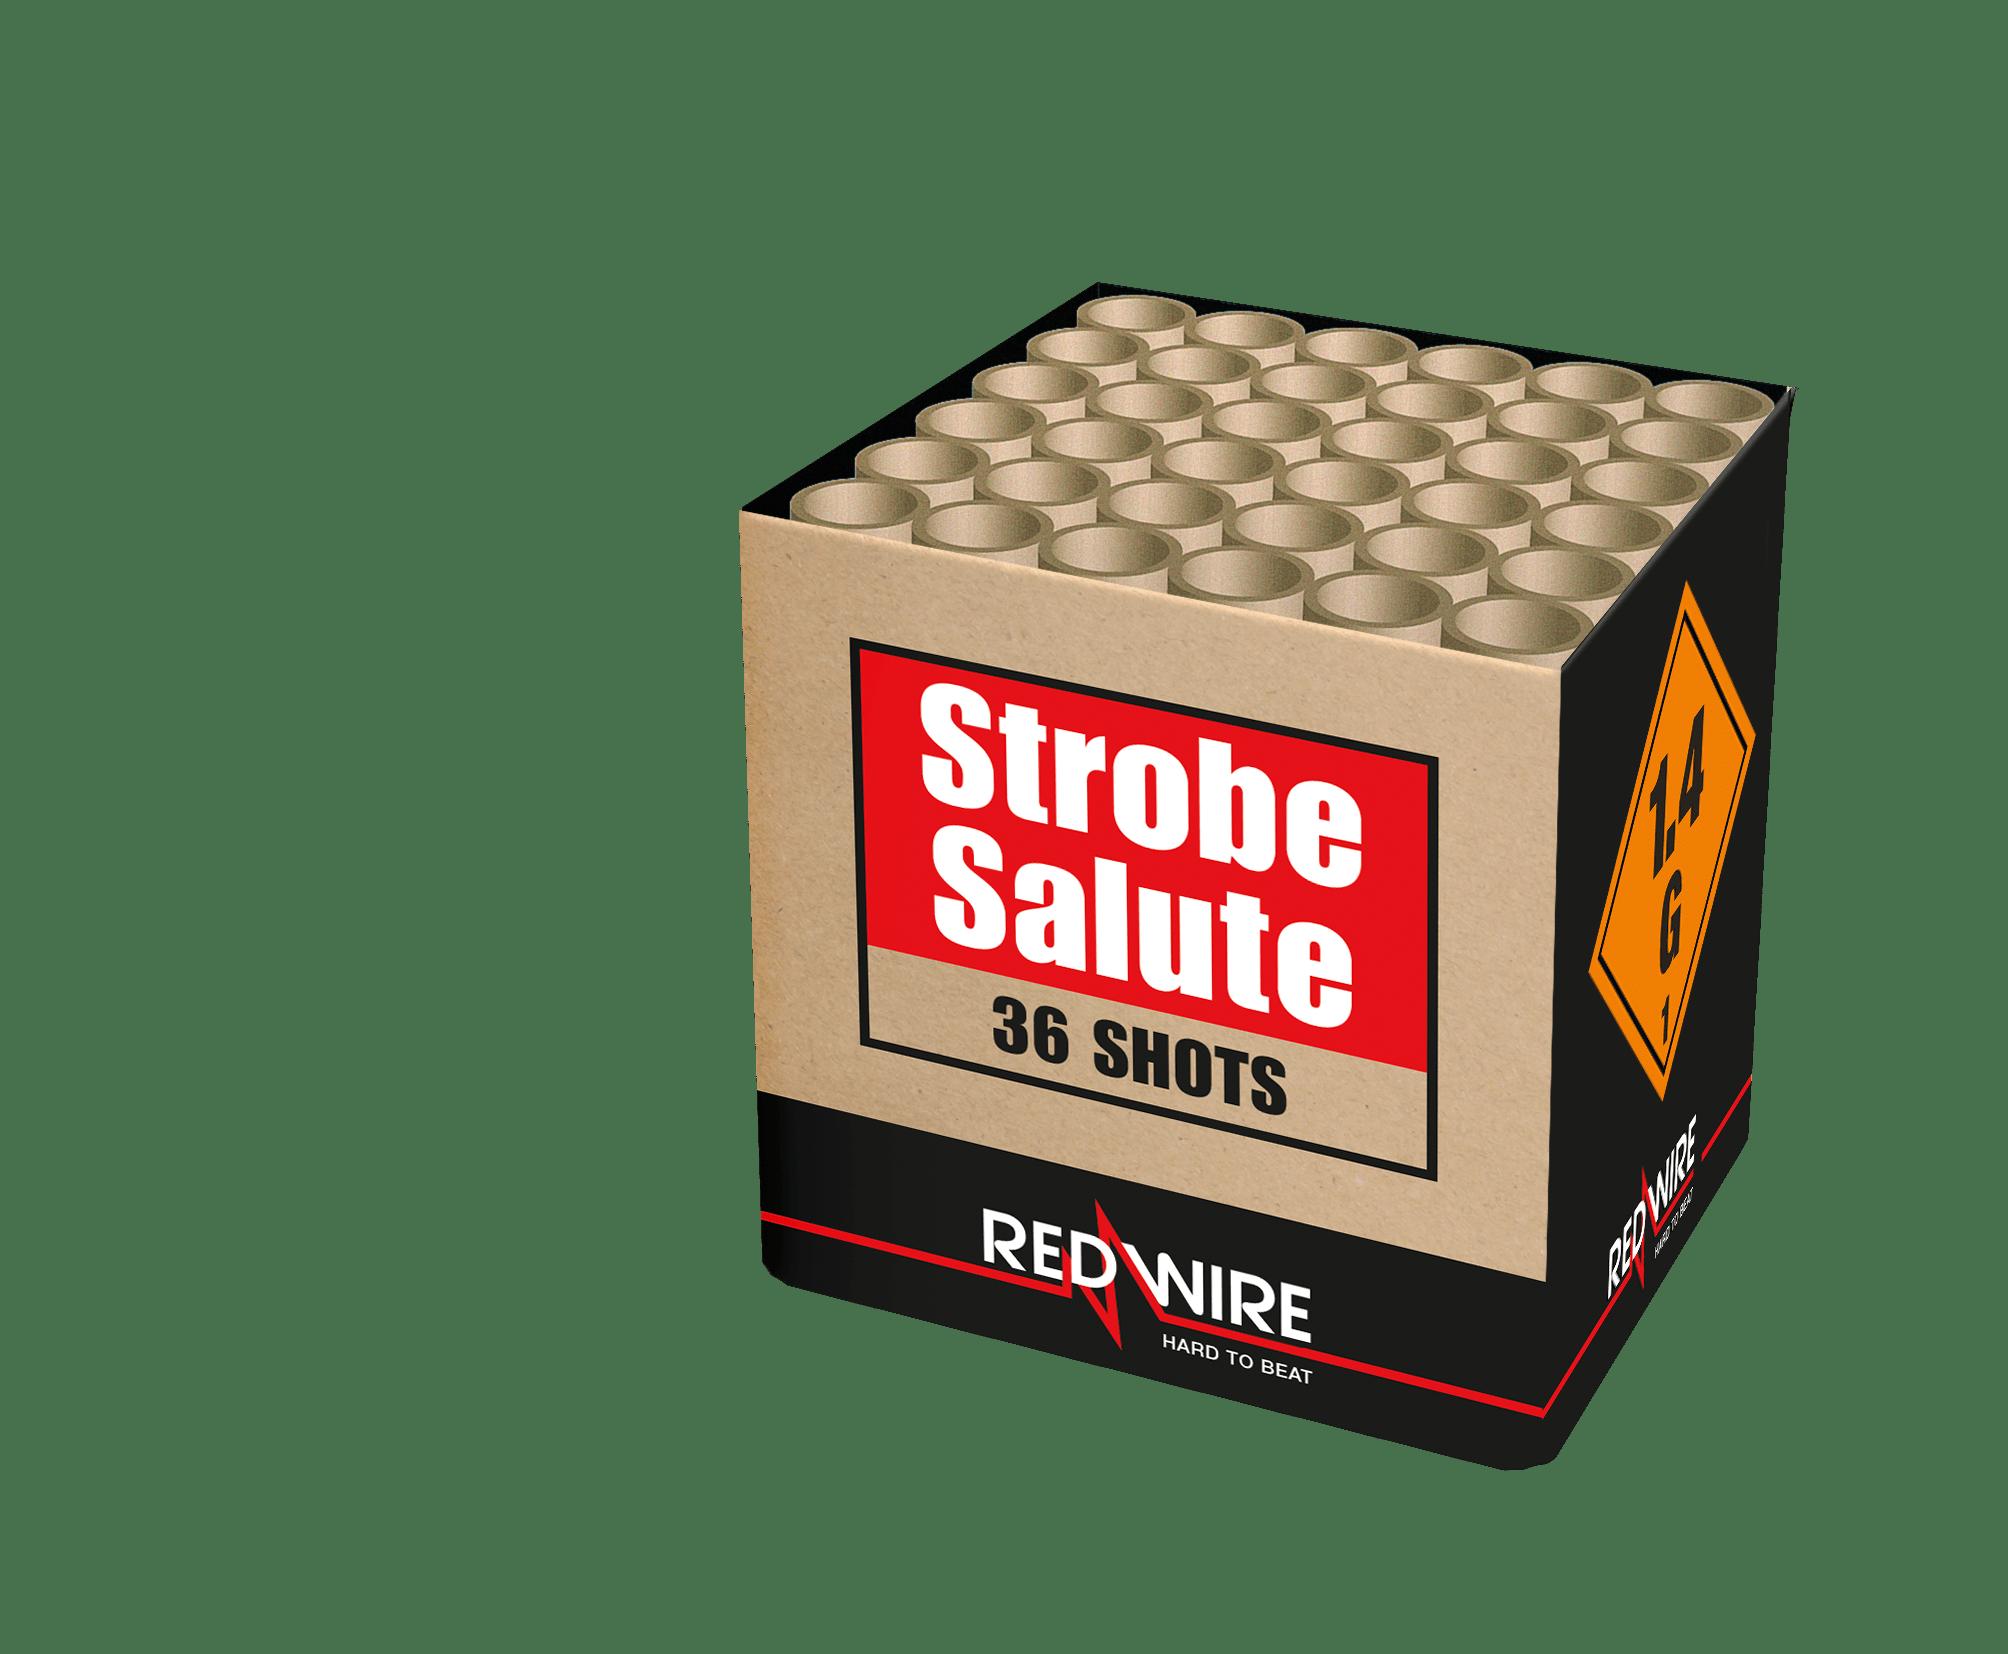 Strobe salute intratuin ijsselstein for Intratuin ijsselstein